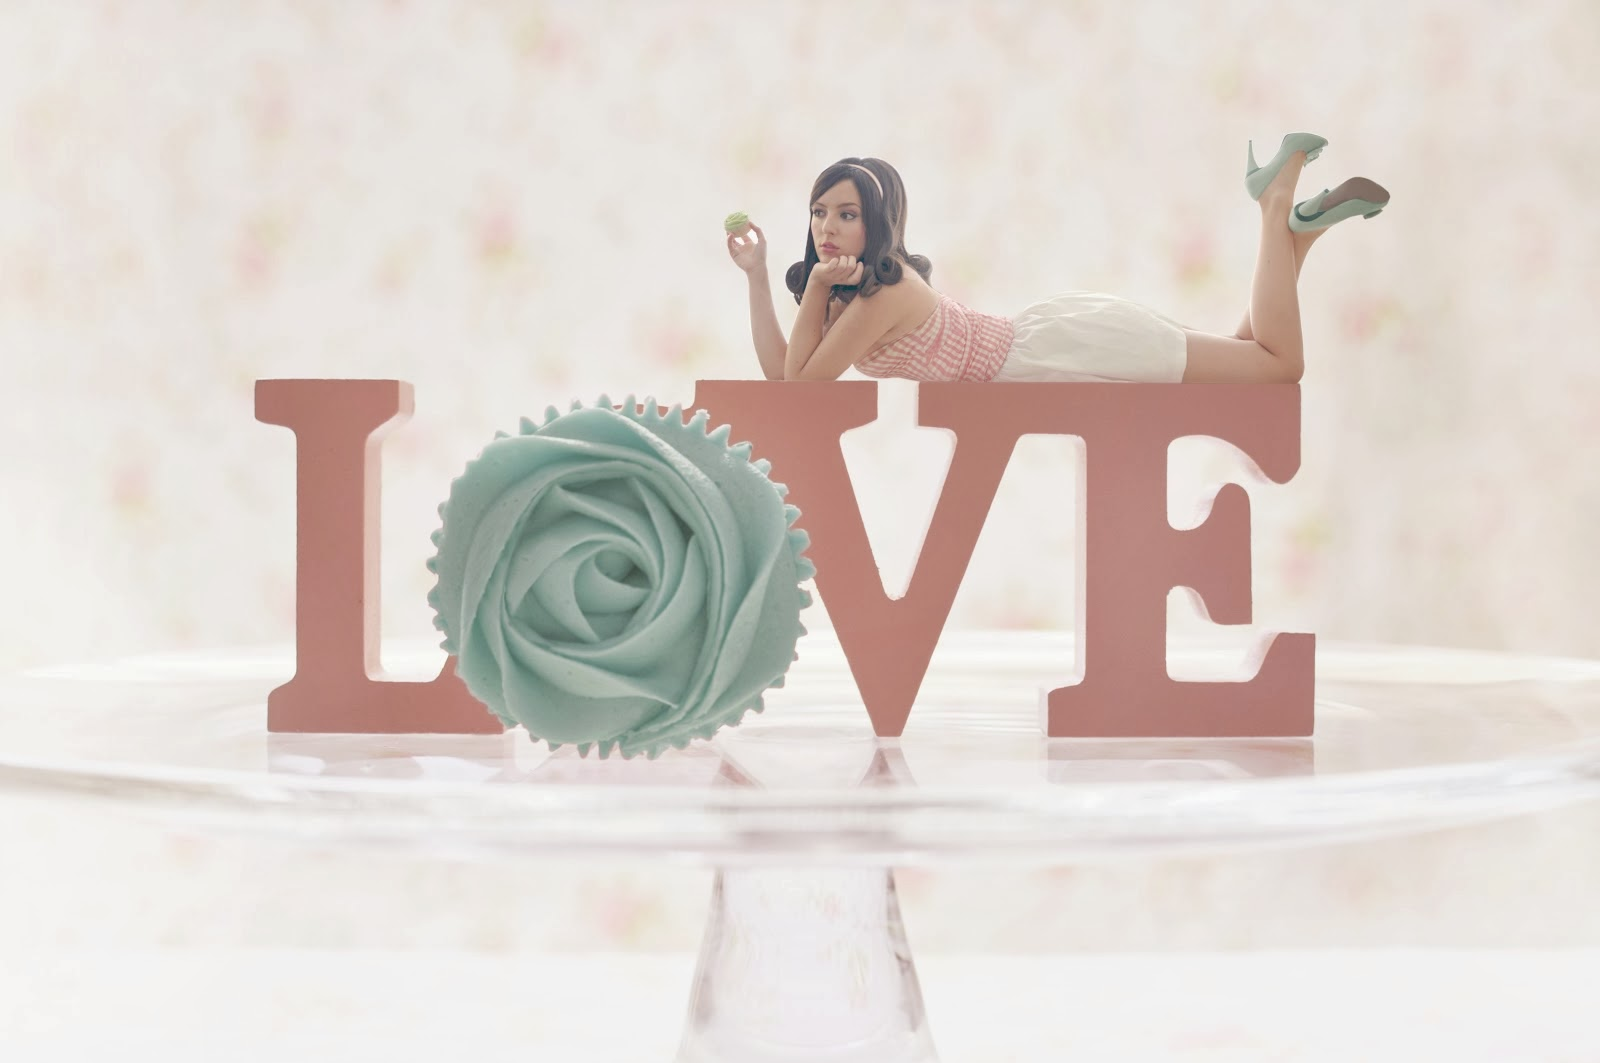 jorge perez photographer fotografia artística para bodas, blogs, bloggers, retratos